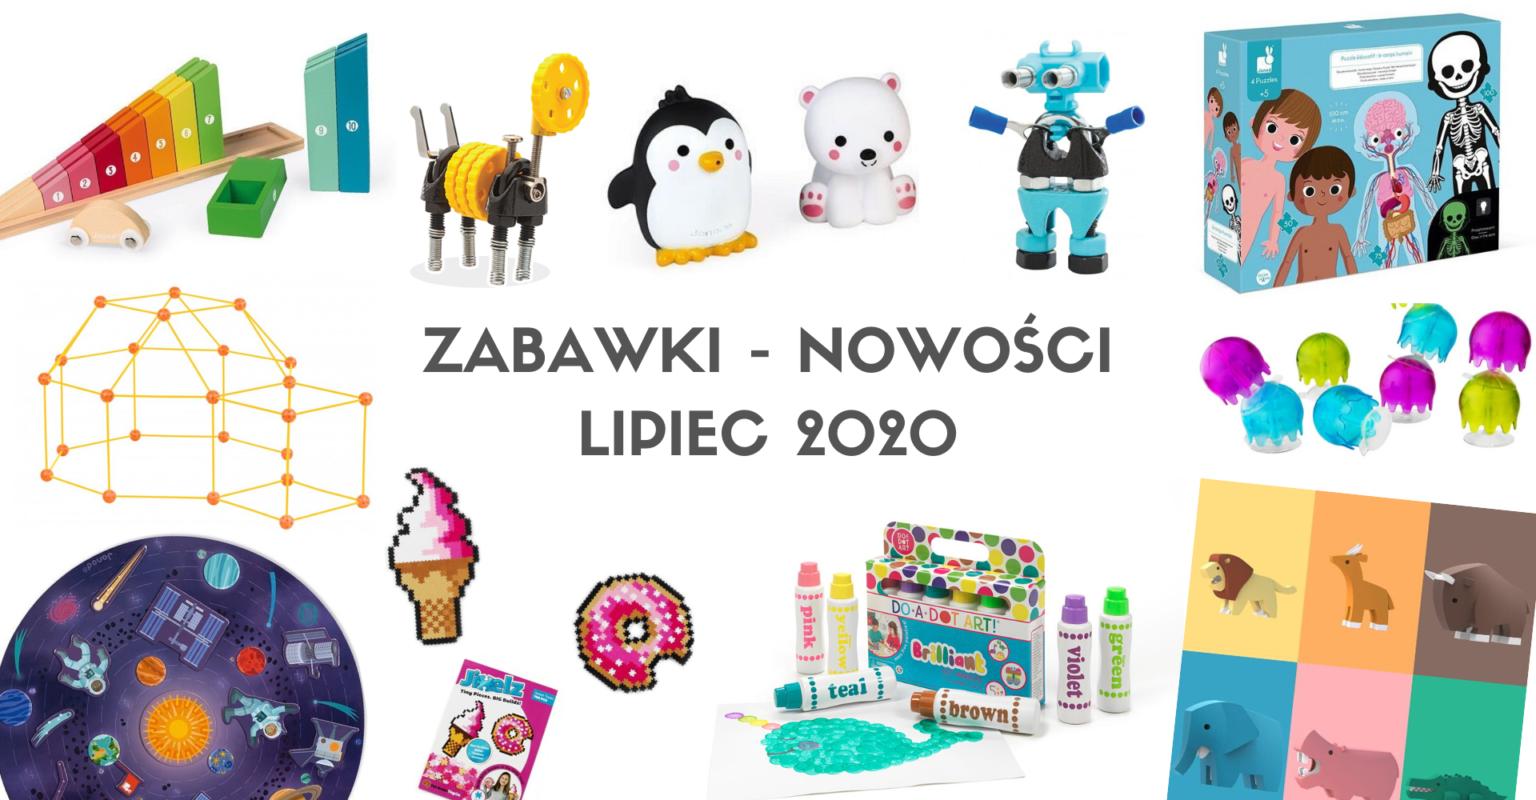 Puzzle ciało człowieka i inne nowości wśród zabawek - lipiec 2020.